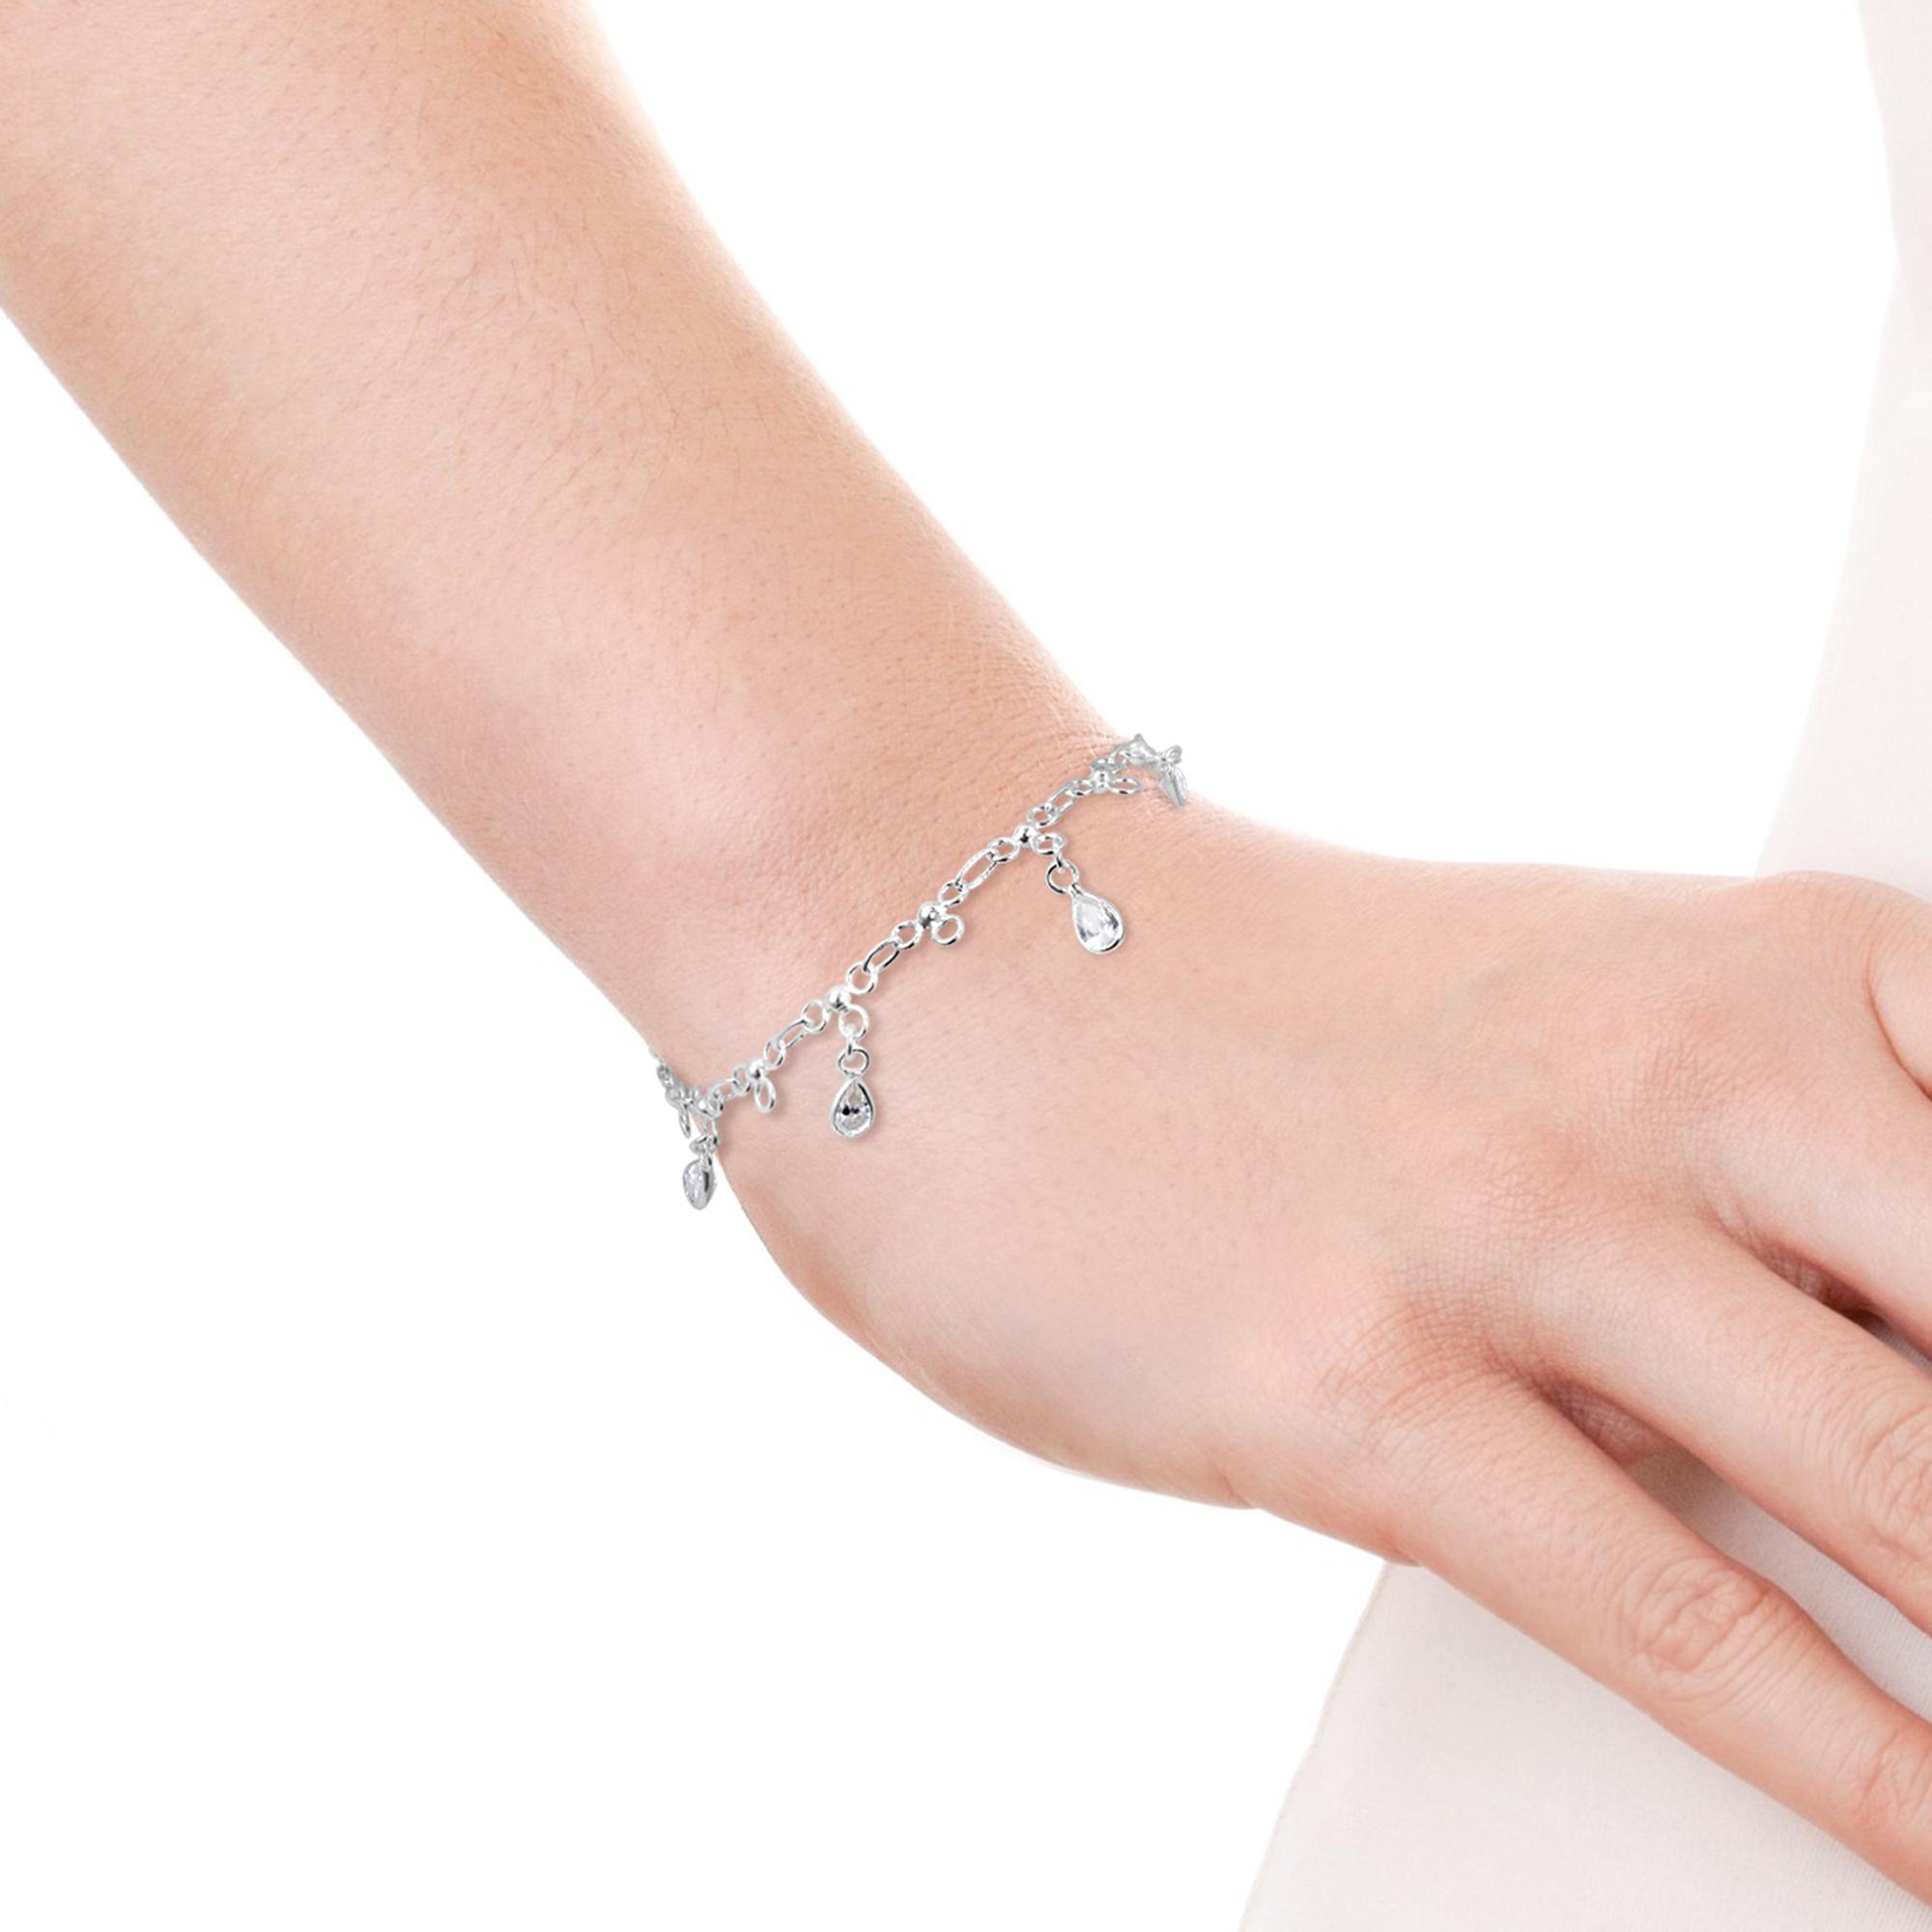 Dancing Clear Teardrop Cubic Zirconia Link Sterling Silver Bracelet ...